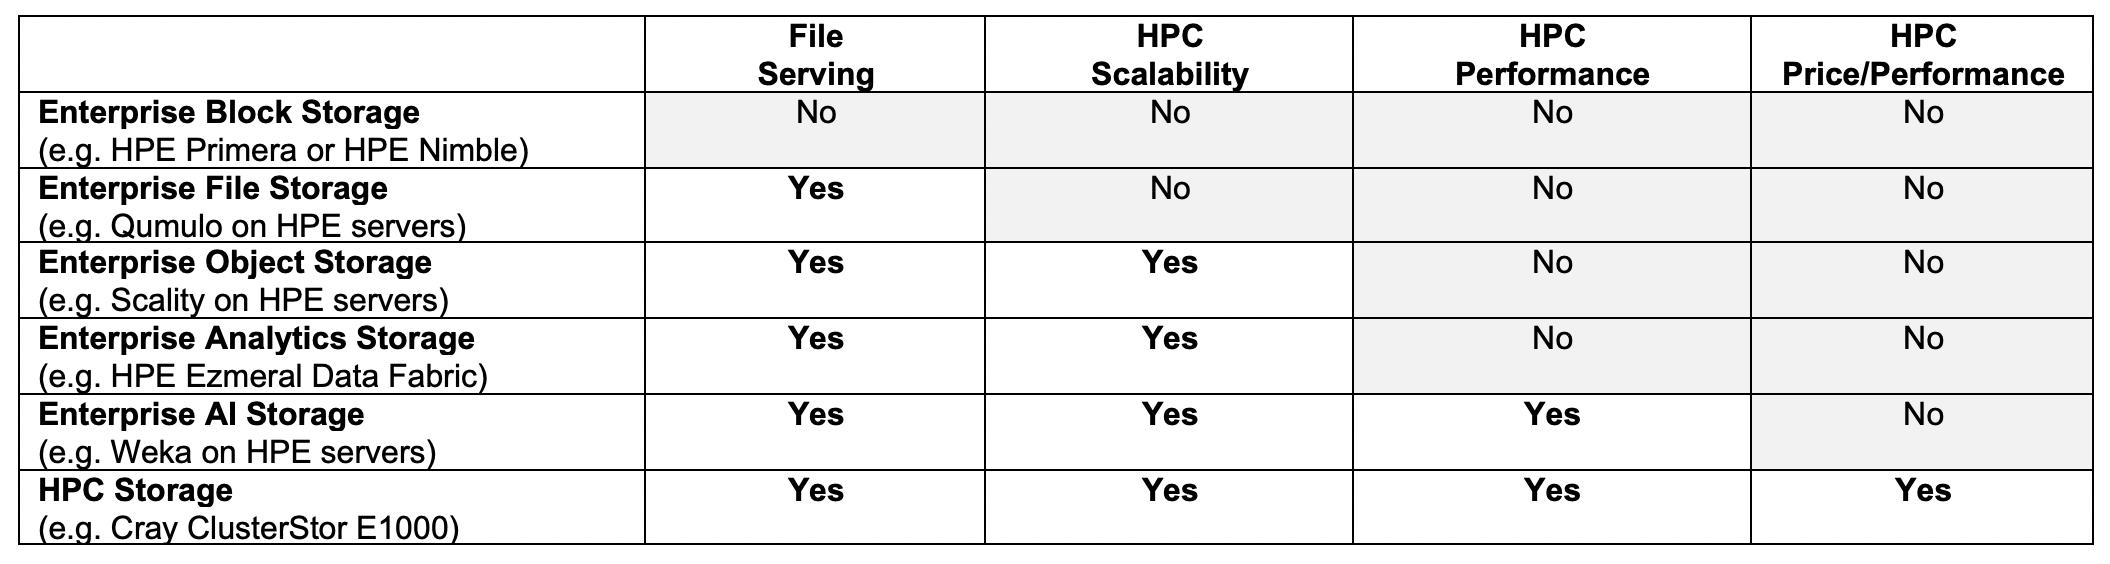 HPC Storage comparison.png